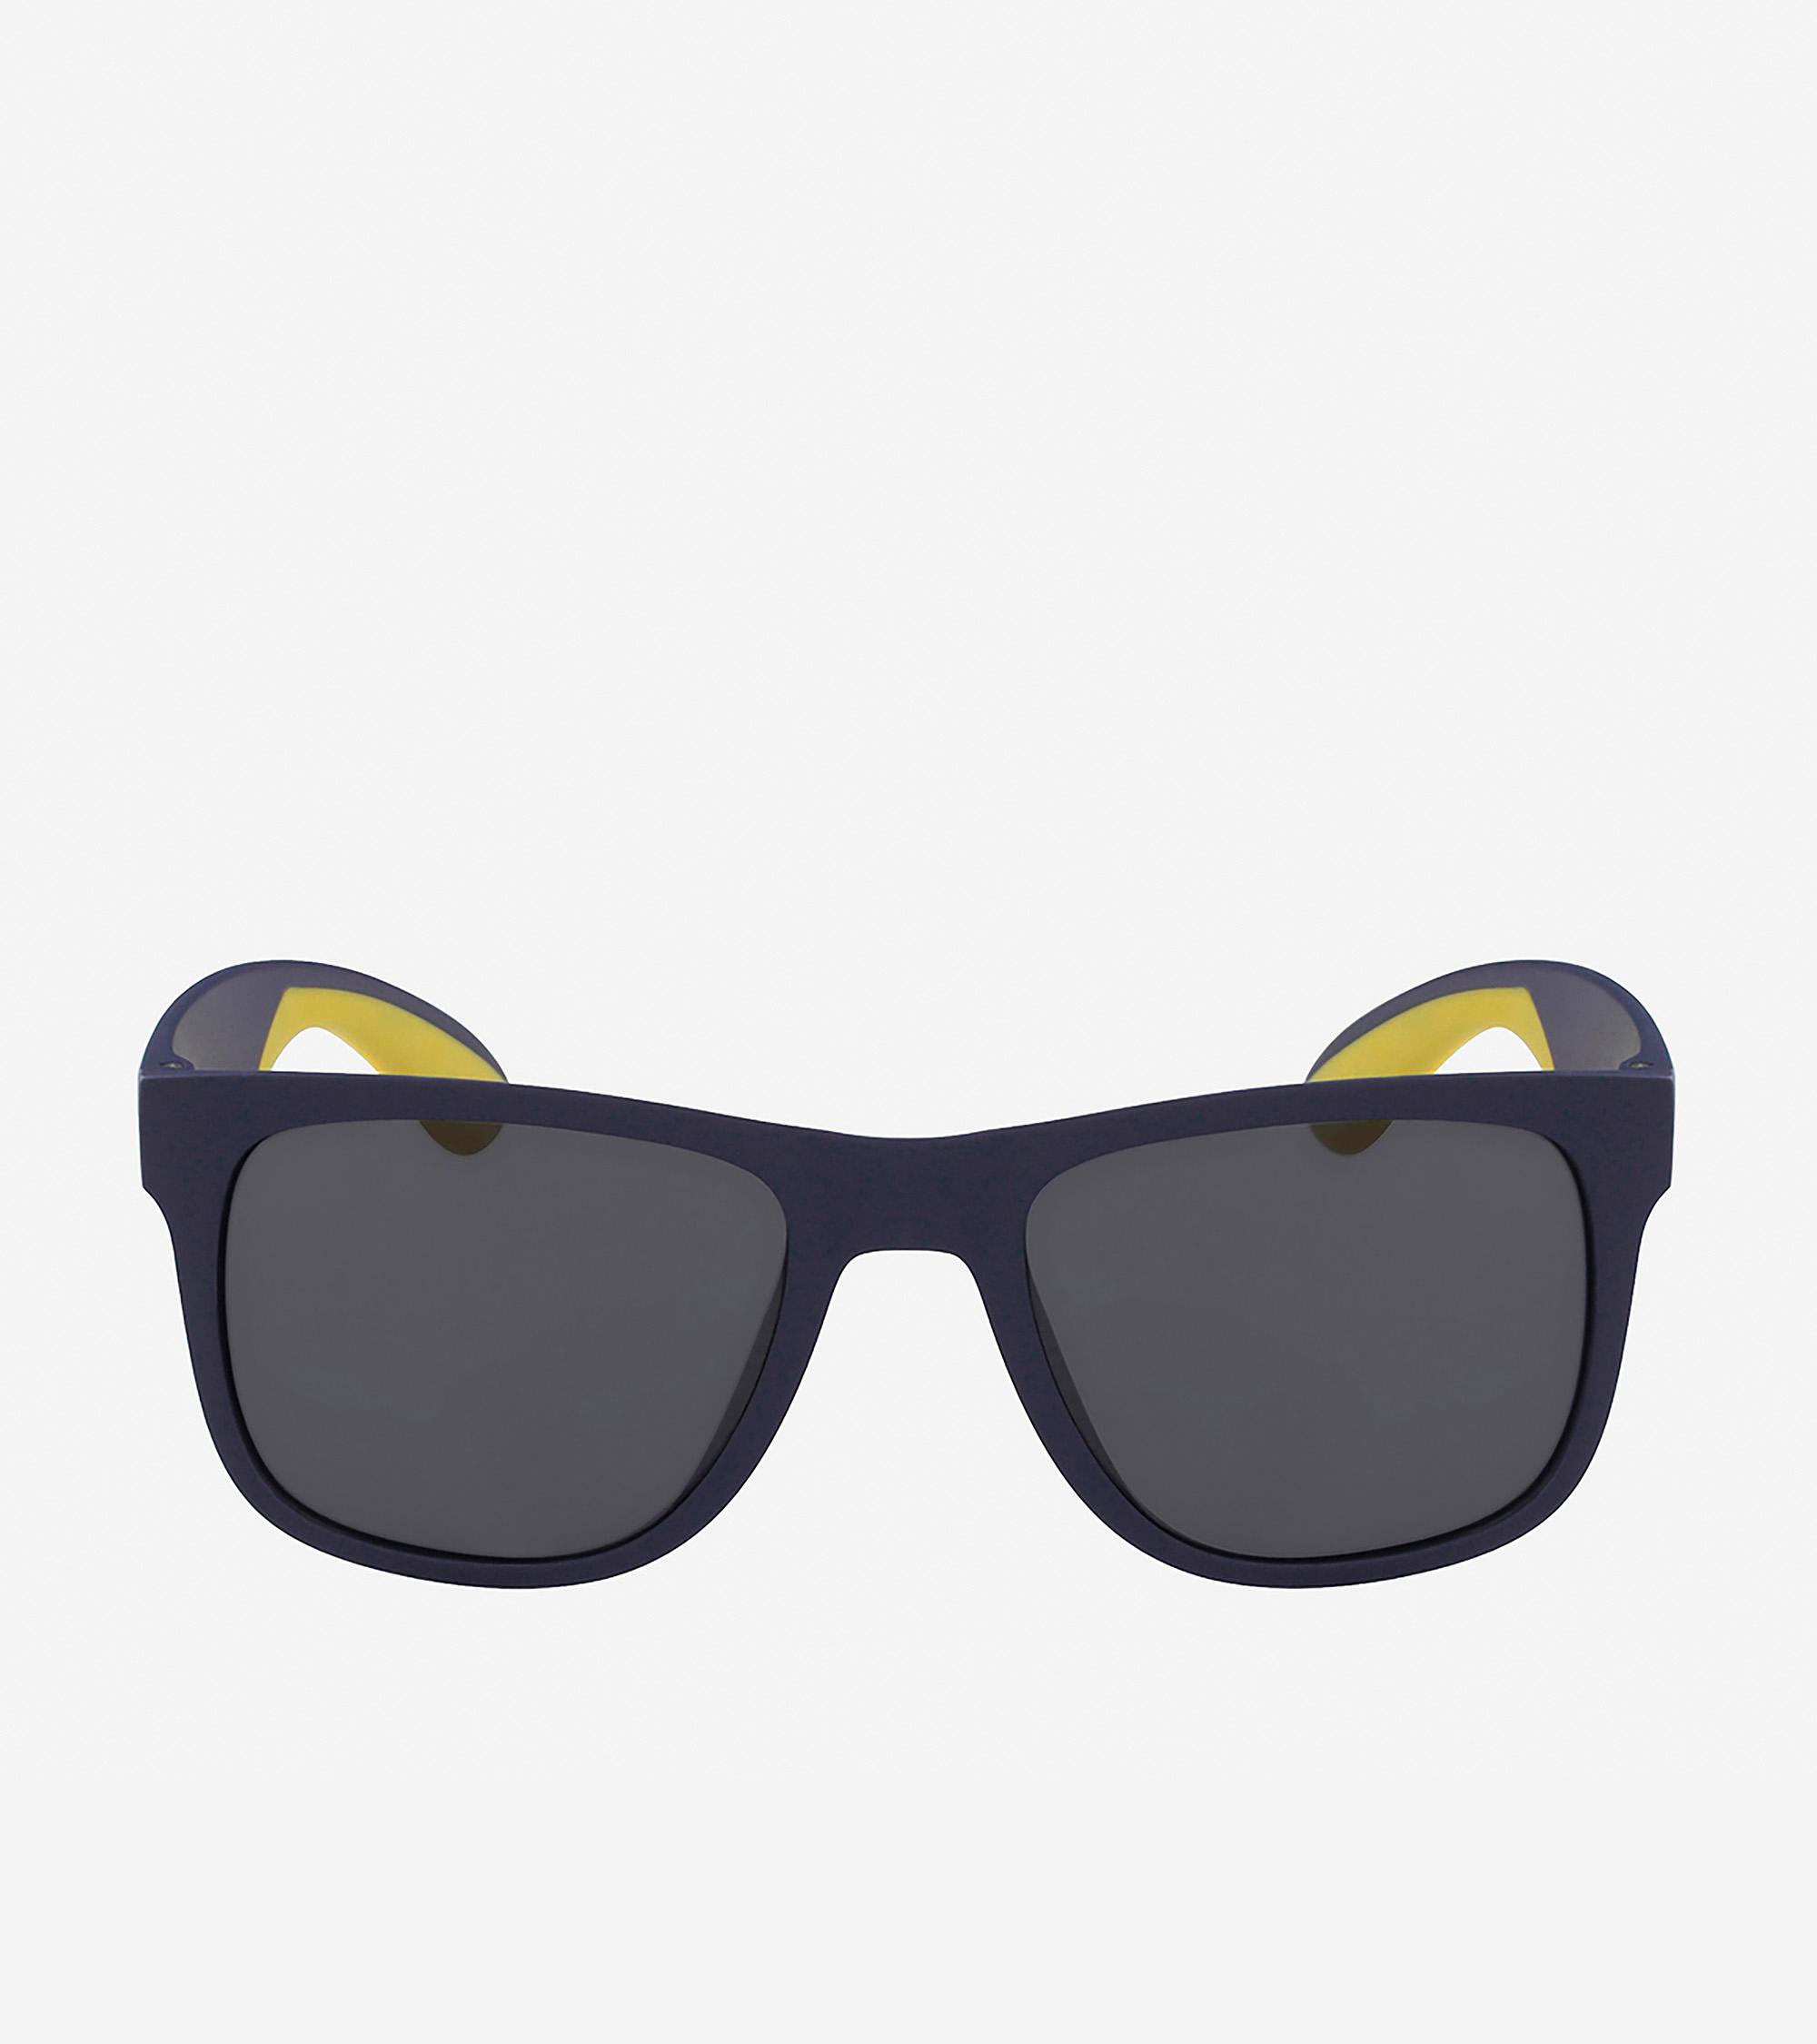 ac933690ee13 Men's Men's Sport Rectangle Sunglasses in Matte Navy | Cole Haan US